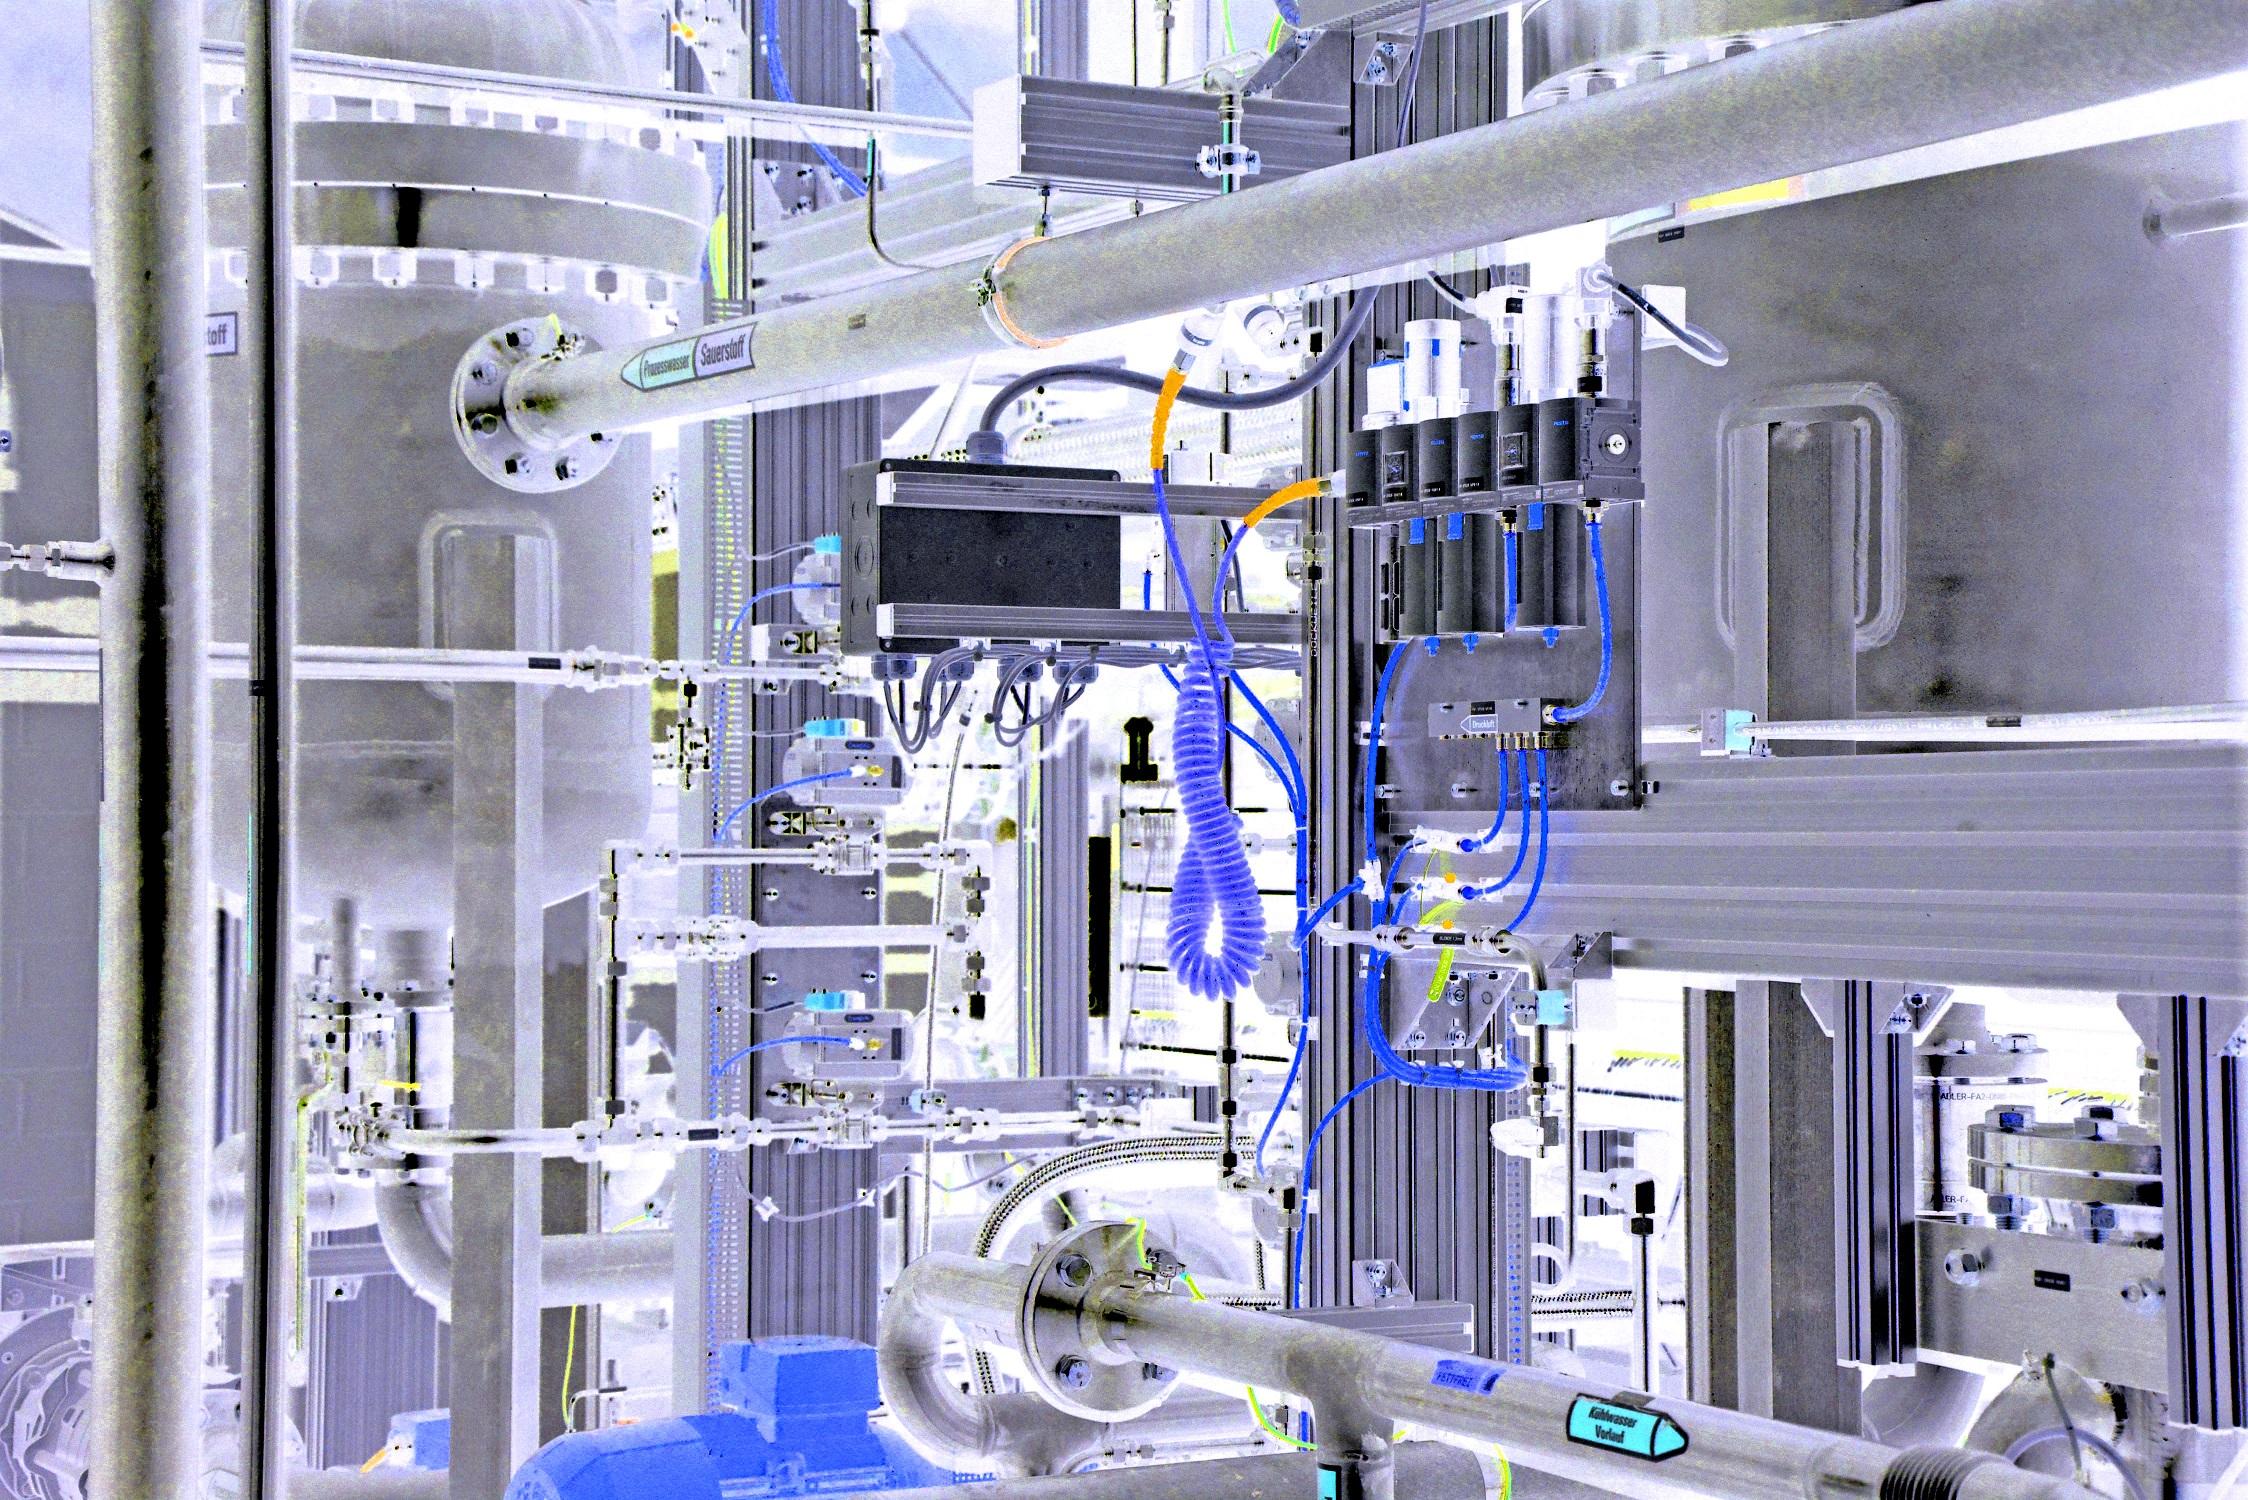 C.A.R.M.E.N.-WebSeminar: Wissenswertes über Wasserstoff lernen